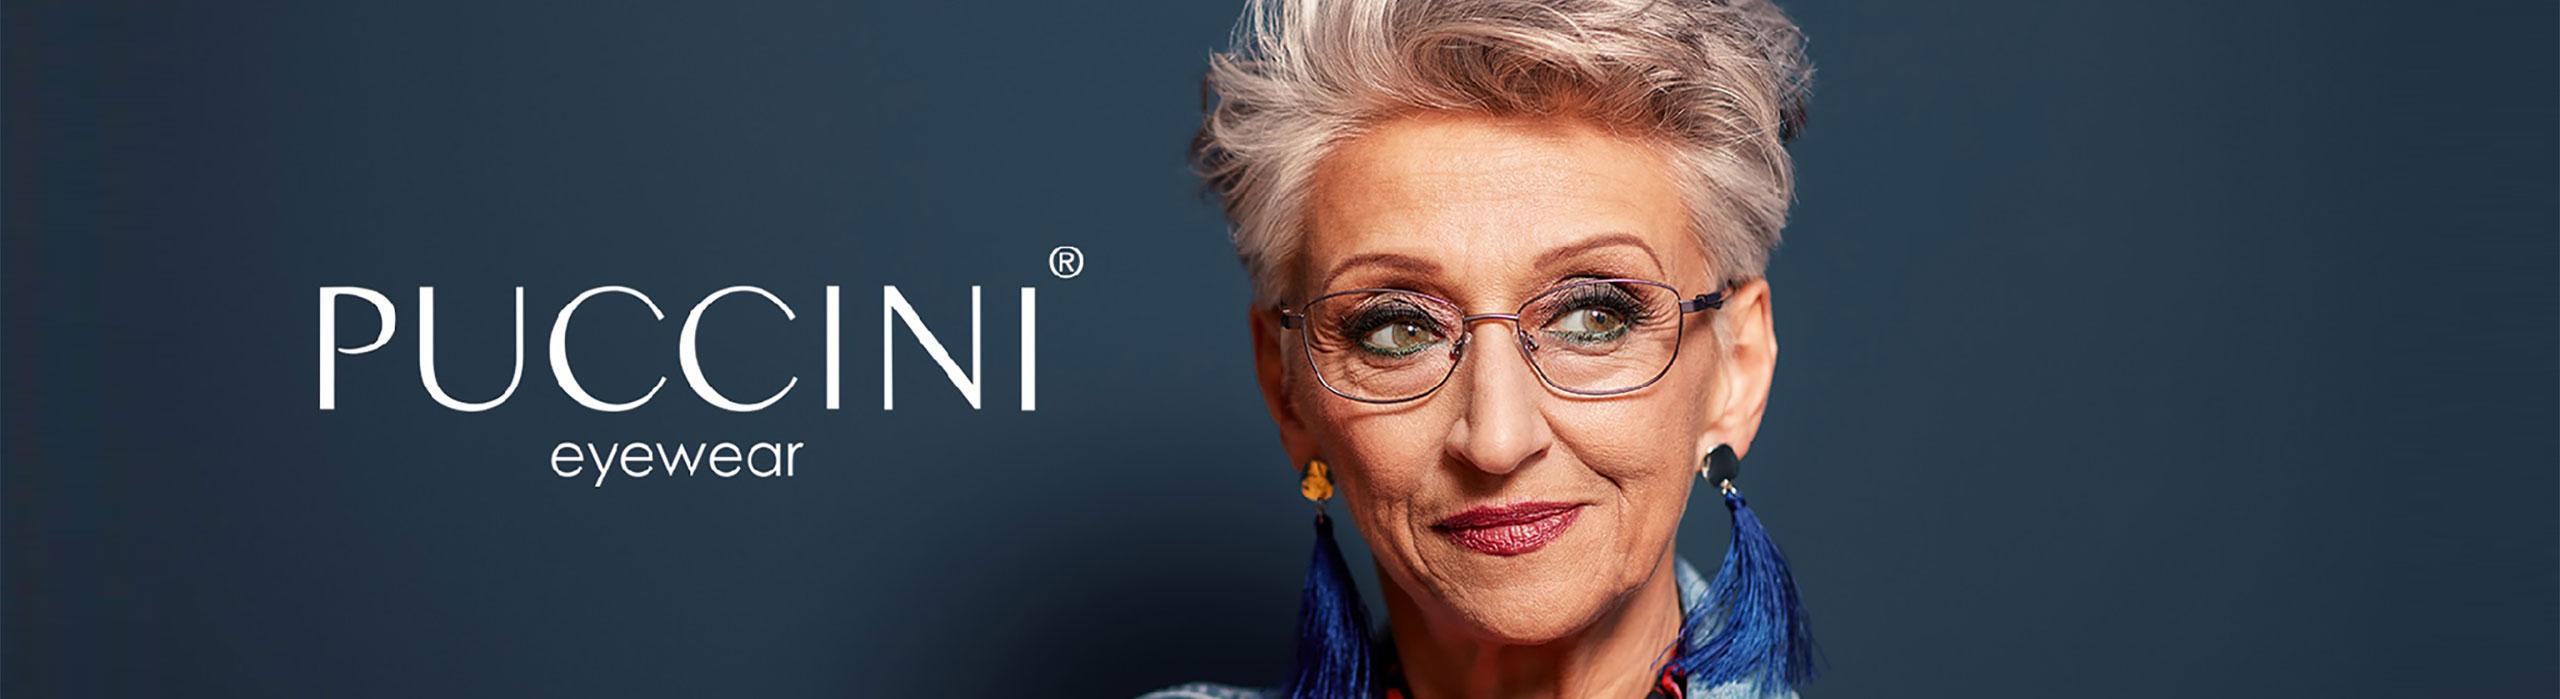 PUCCINI eyewear